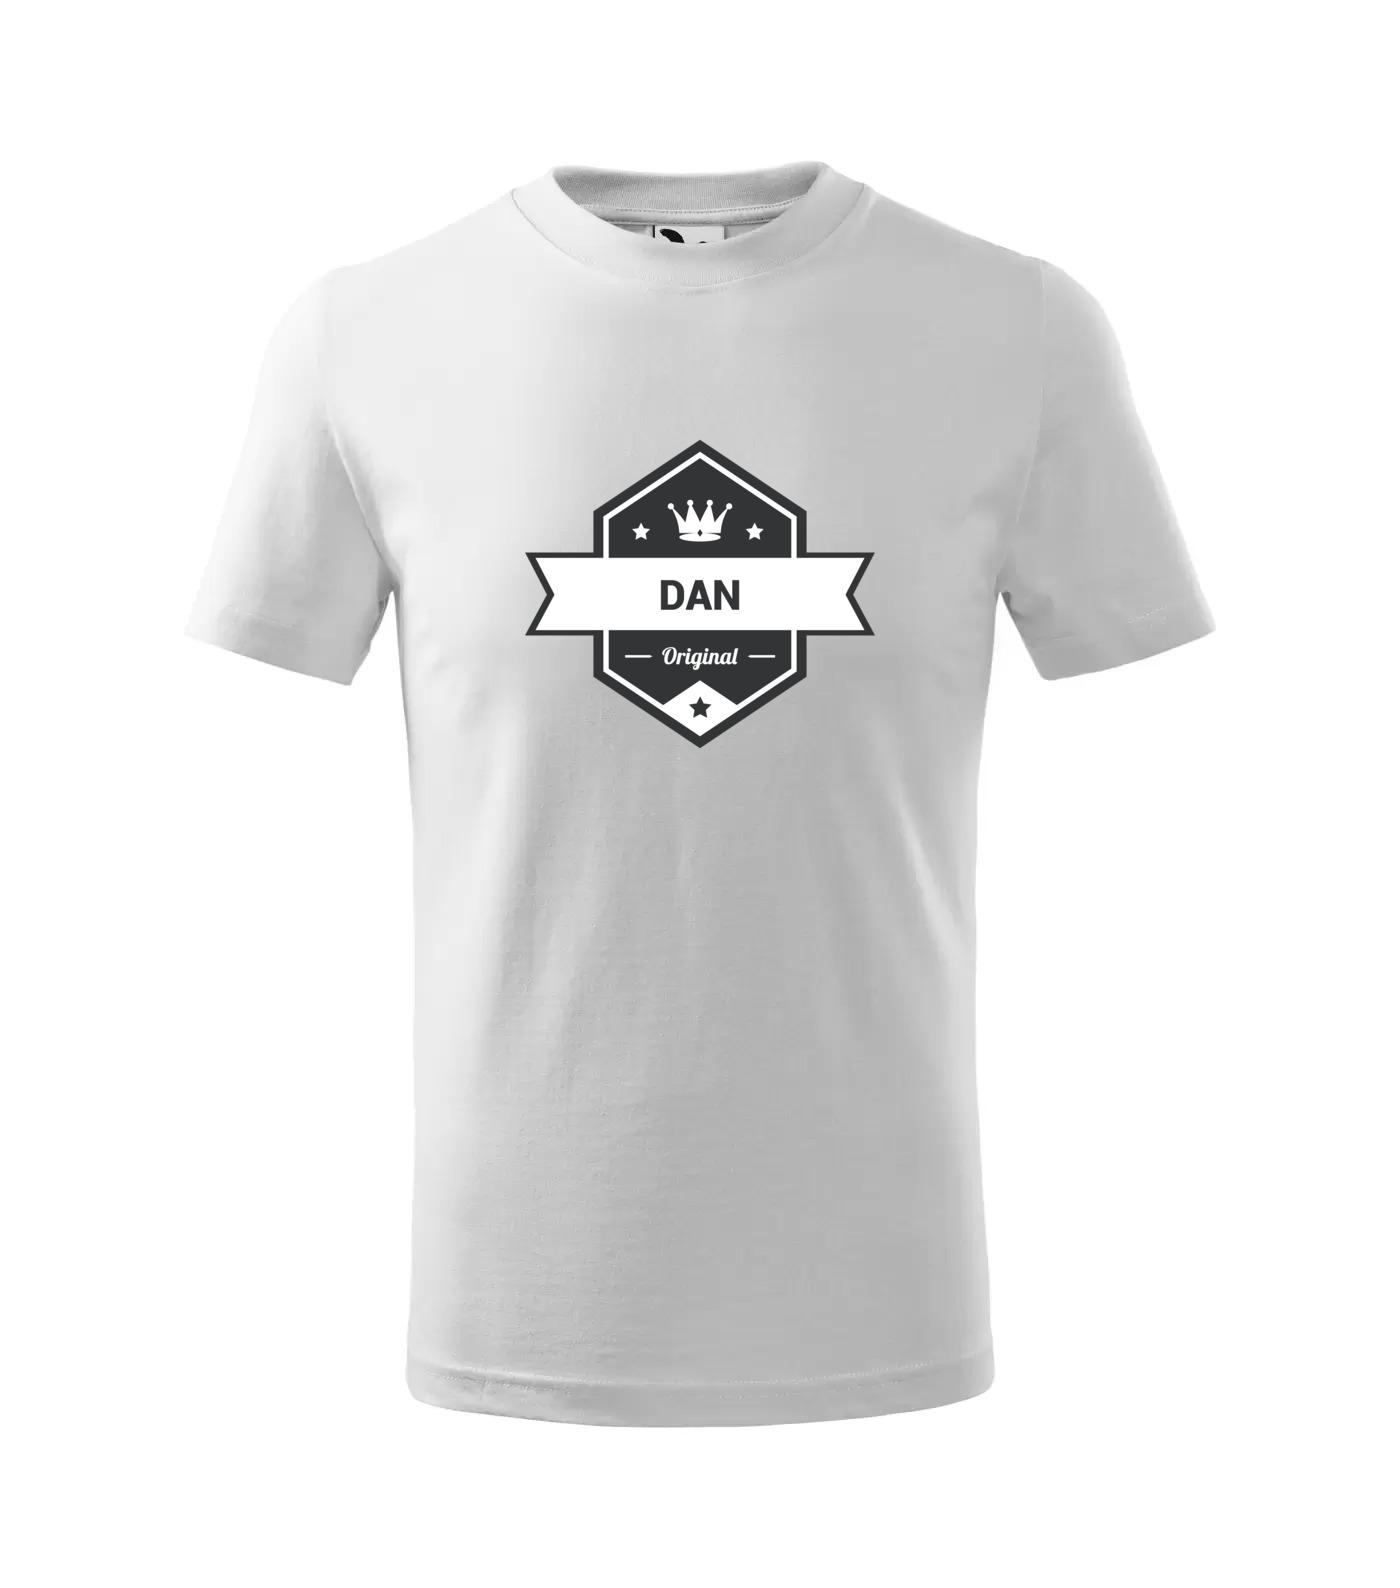 Tričko King Dan